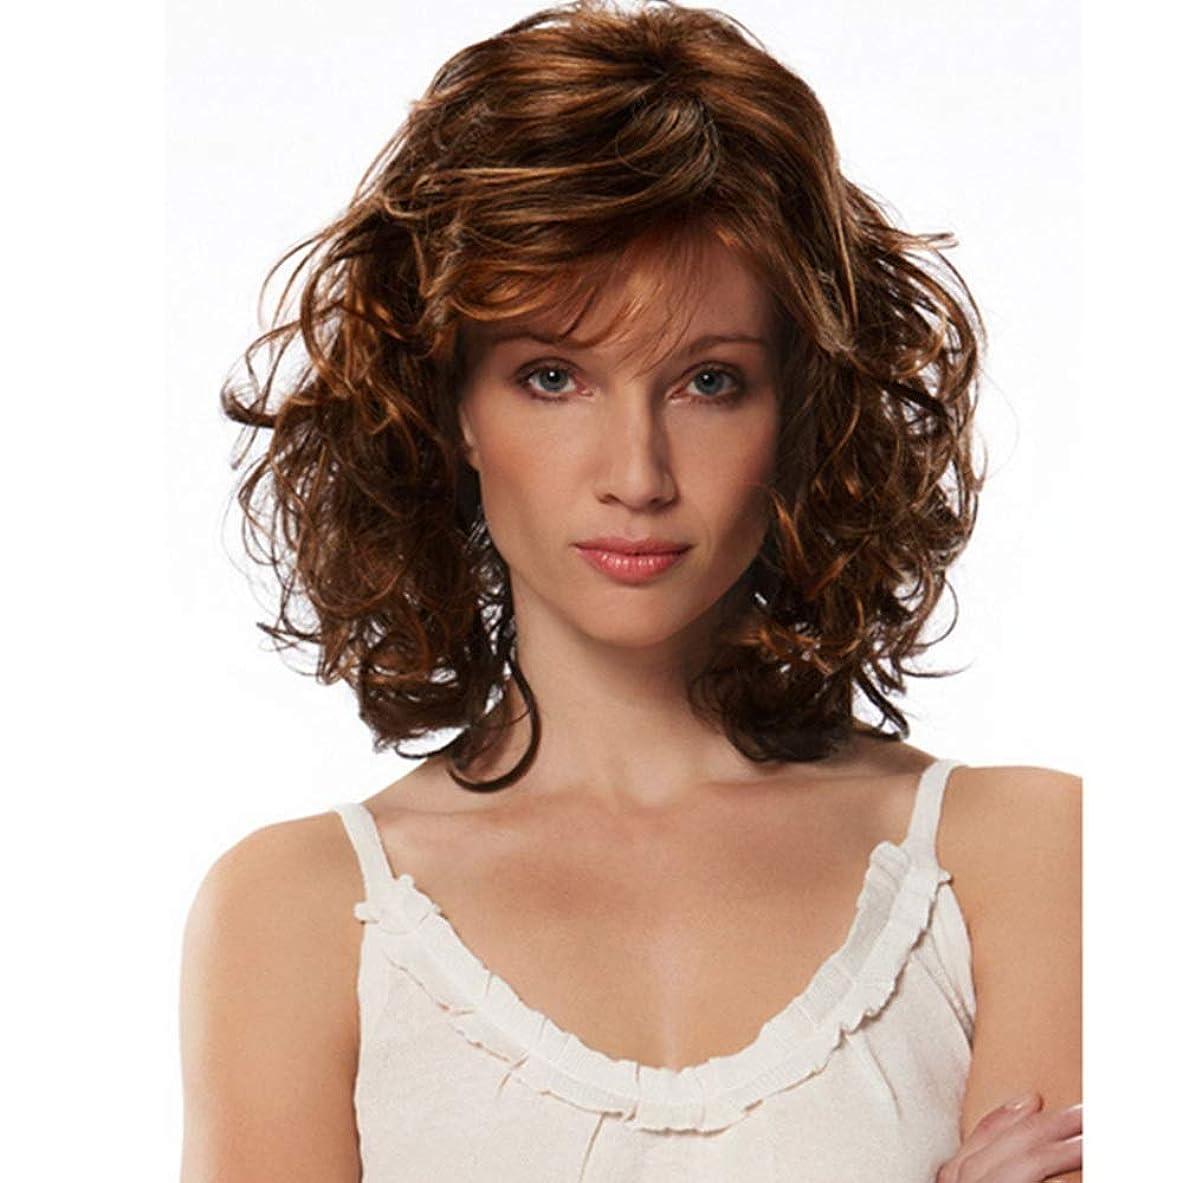 剛性入手します悪化するYrattary 中年の女性のための短い巻き毛の人工フルヘアウィッグ (色 : ブラウン)